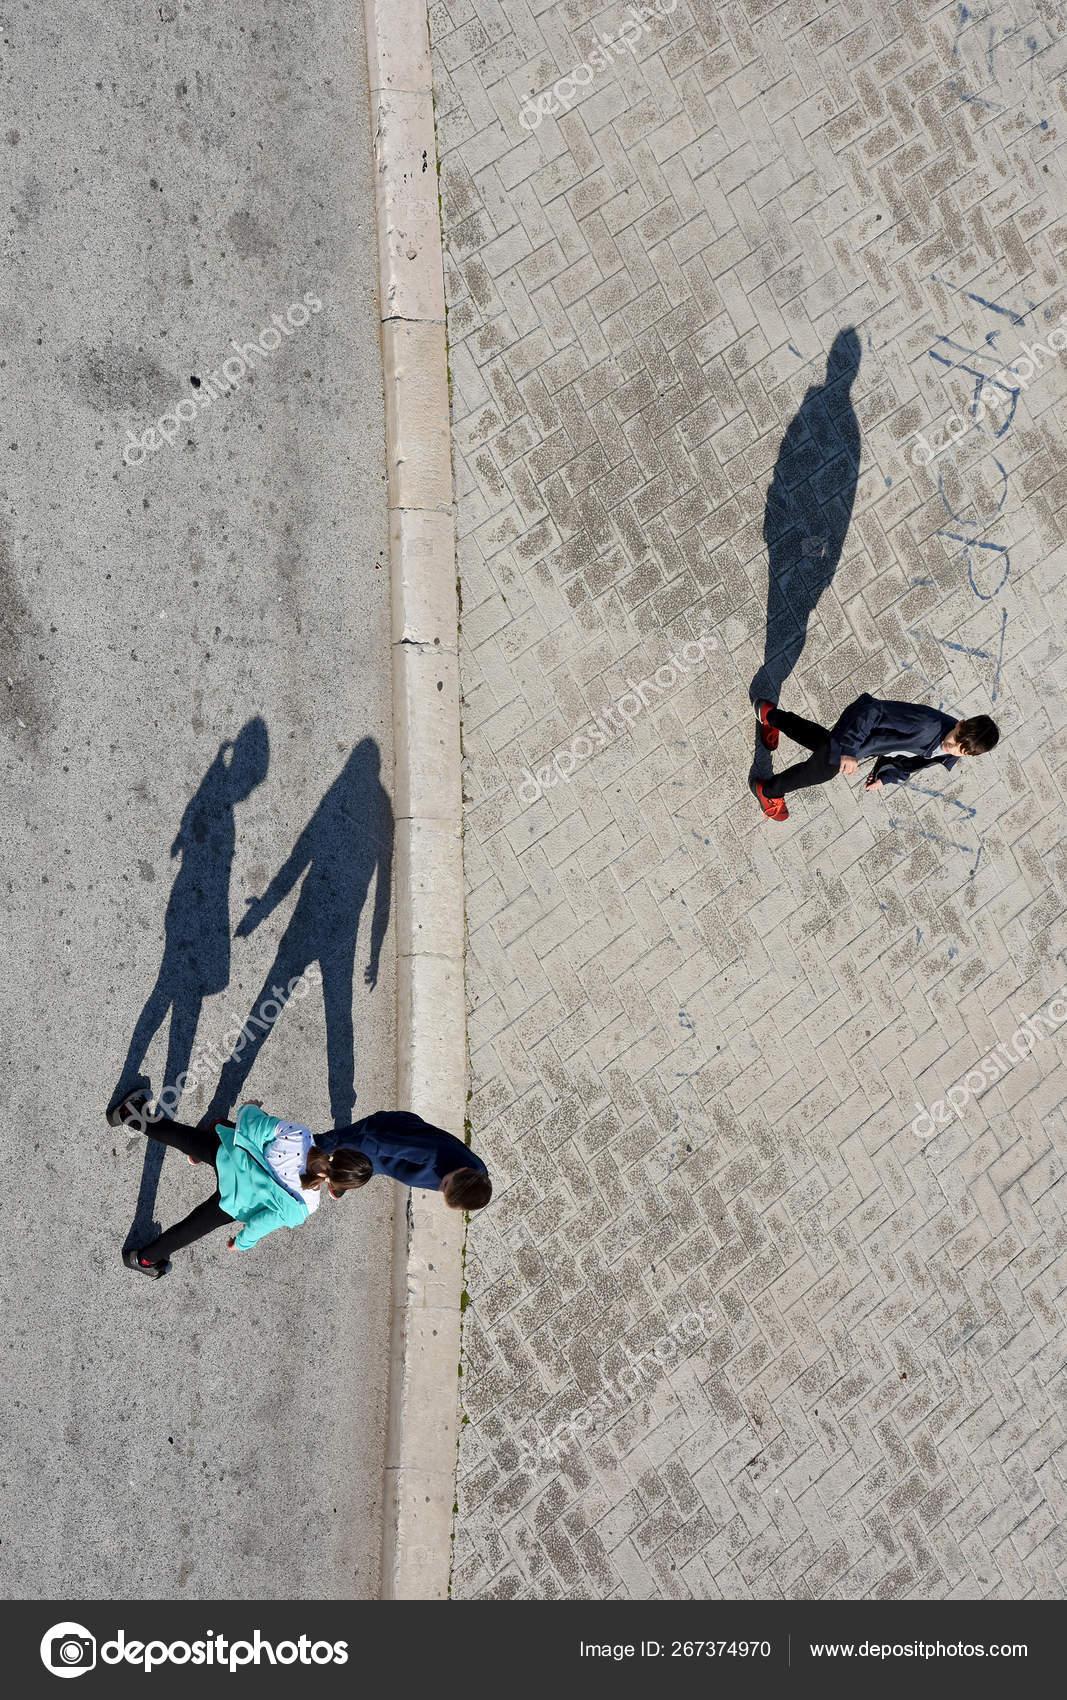 Aves Olho Vista Rua Fotografia Com Luz Sombra Tirada Roda Fotografia De Stock Editorial C Elephotos 267374970